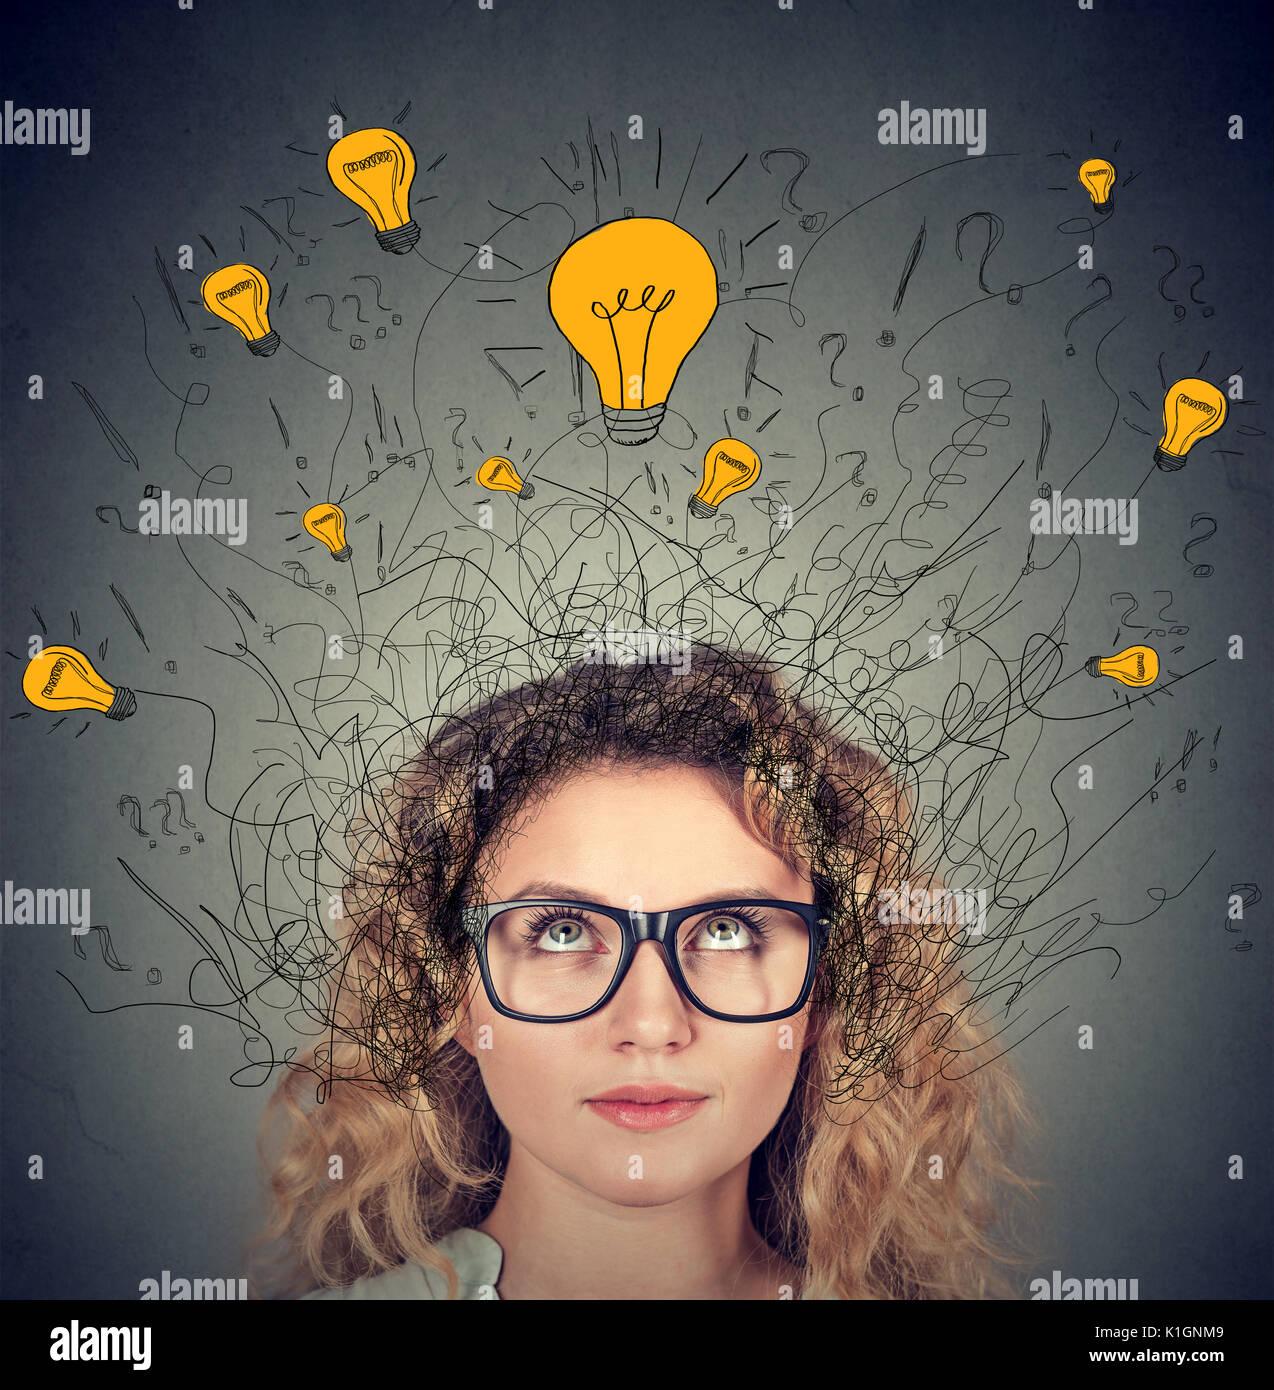 Ernsthafte Frau in Gläser mit vielen Ideen Lampen über dem Kopf suchen isoliert auf grauen Hintergrund. Eureka Kreativität Konzept Stockbild